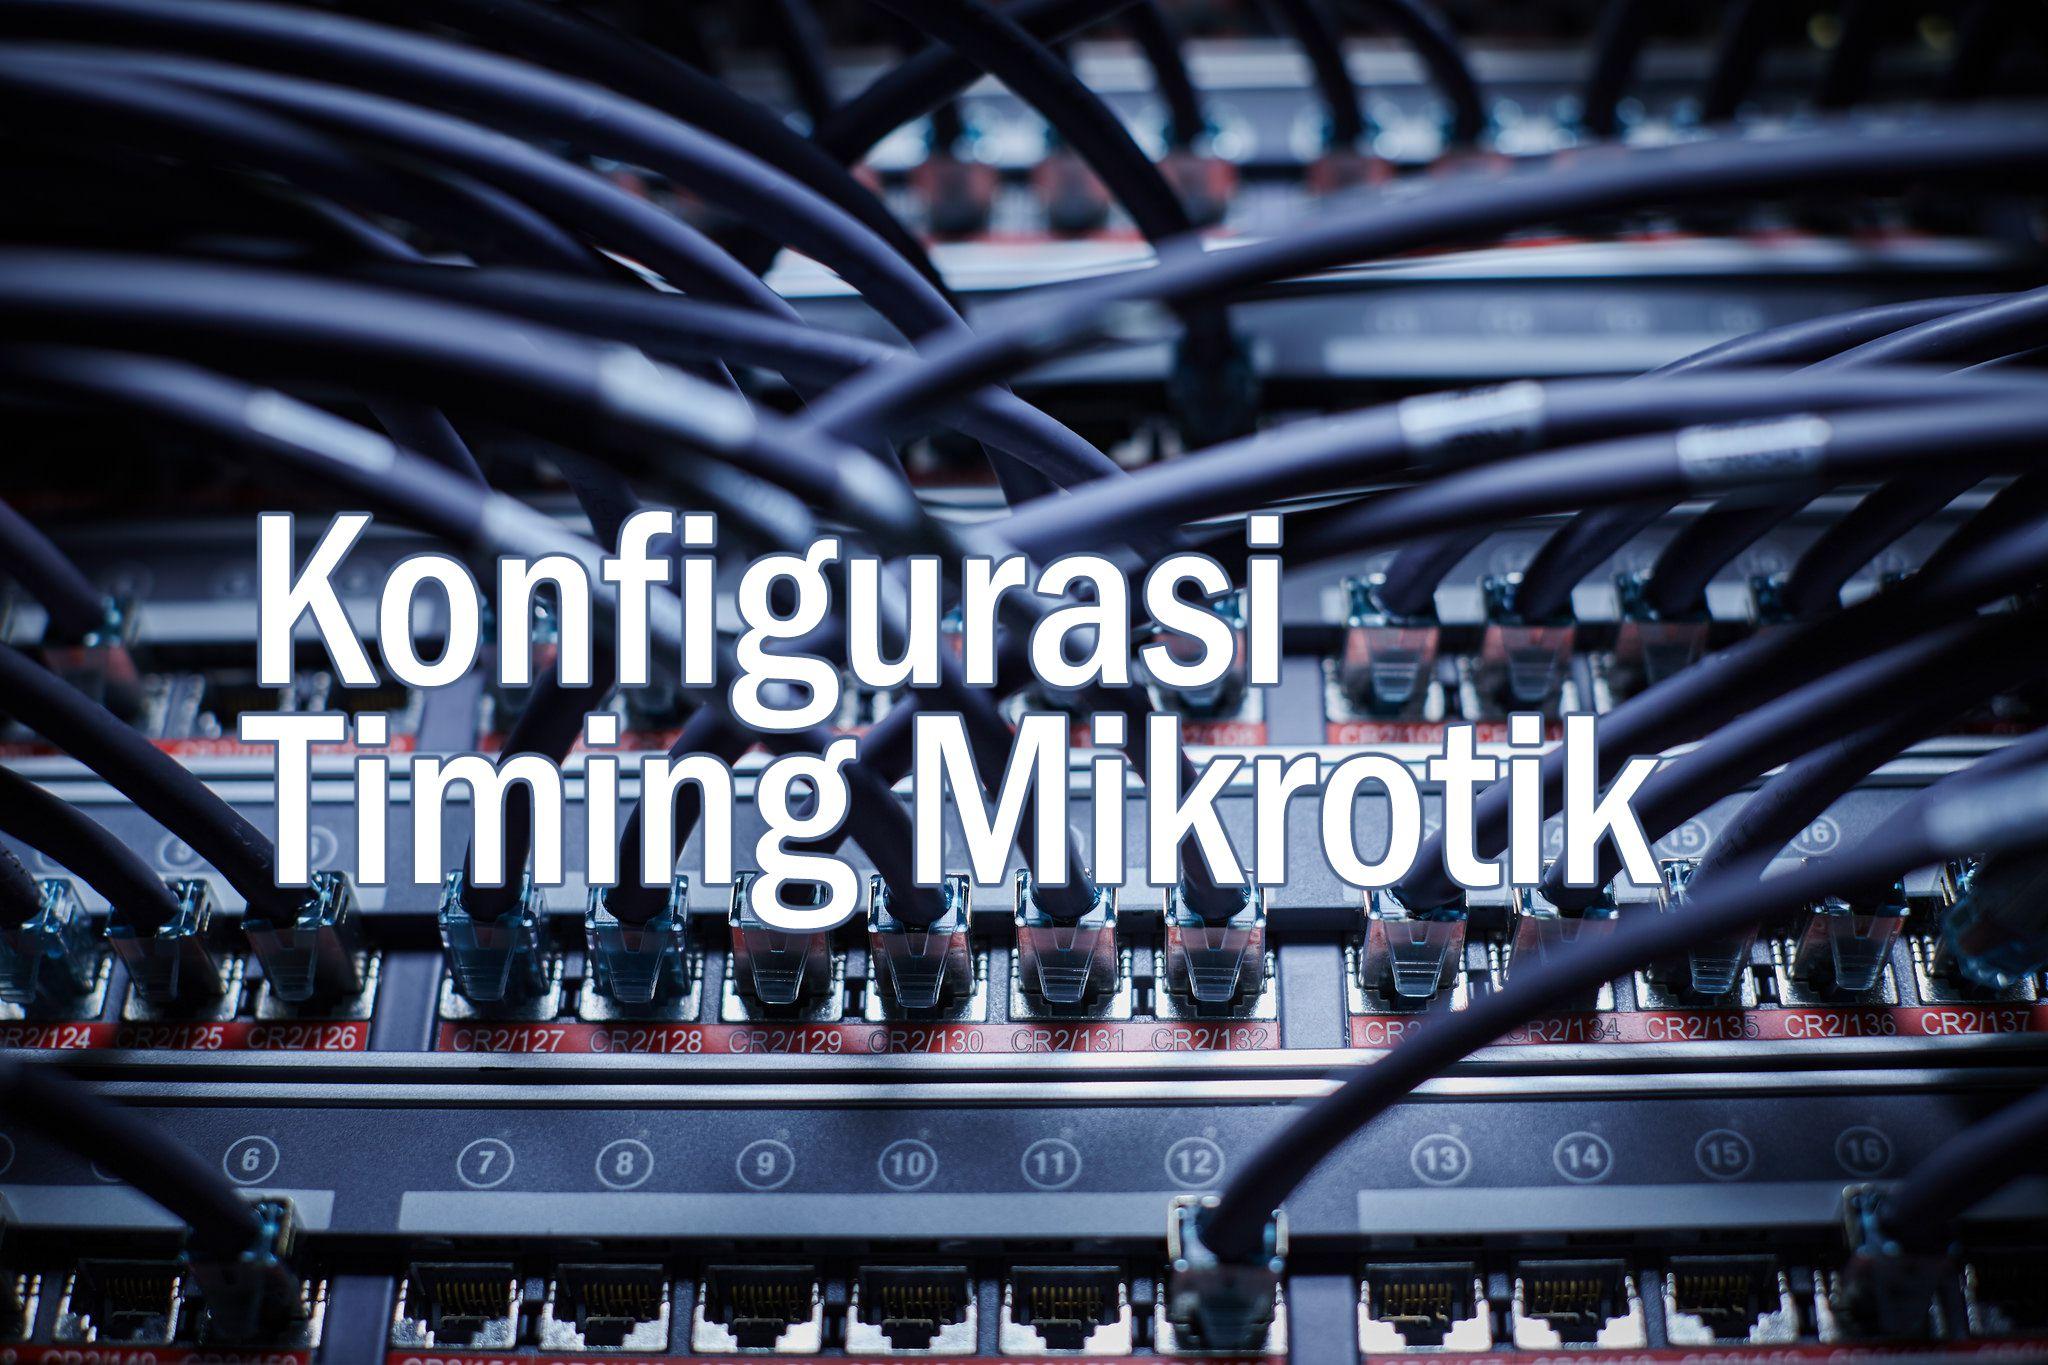 Konfigurasi Timing Mikrotik